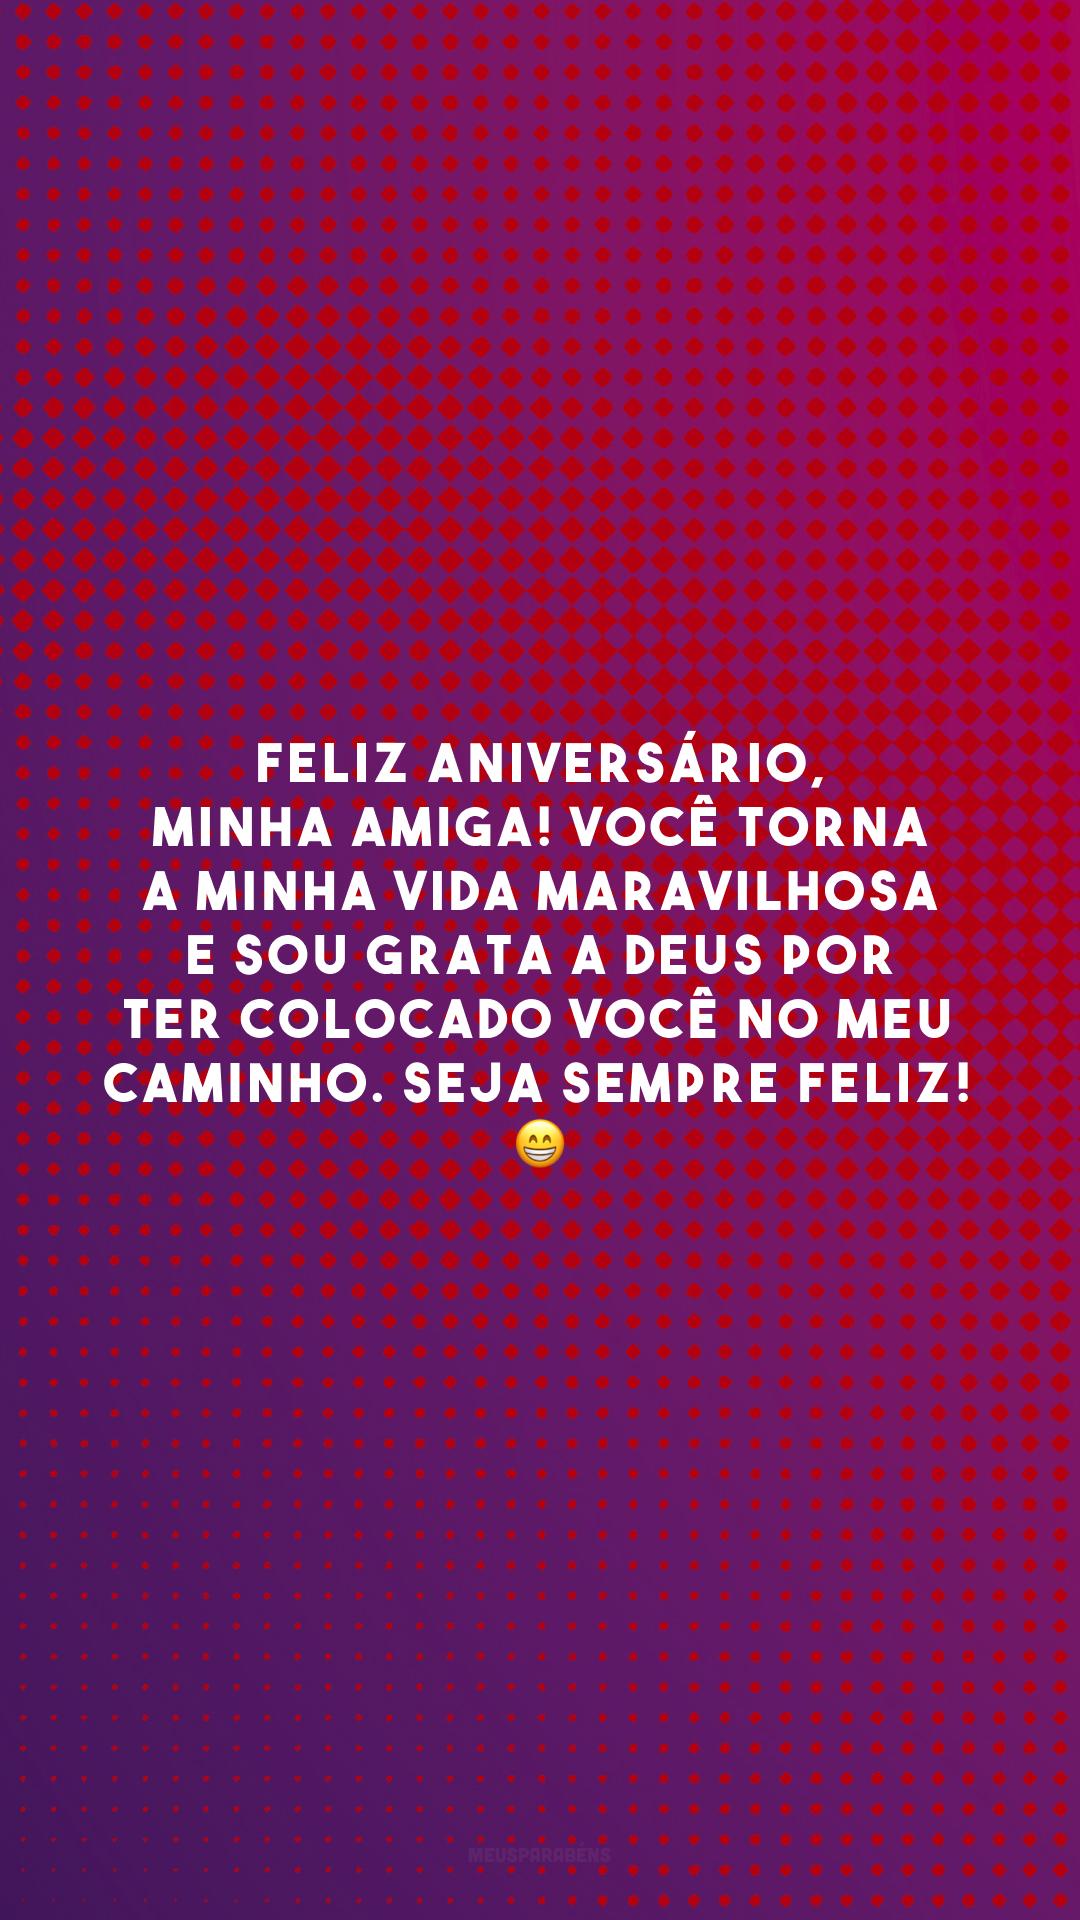 Feliz aniversário, minha amiga! Você torna a minha vida maravilhosa e sou grata a Deus por ter colocado você no meu caminho. Seja sempre feliz! 😁